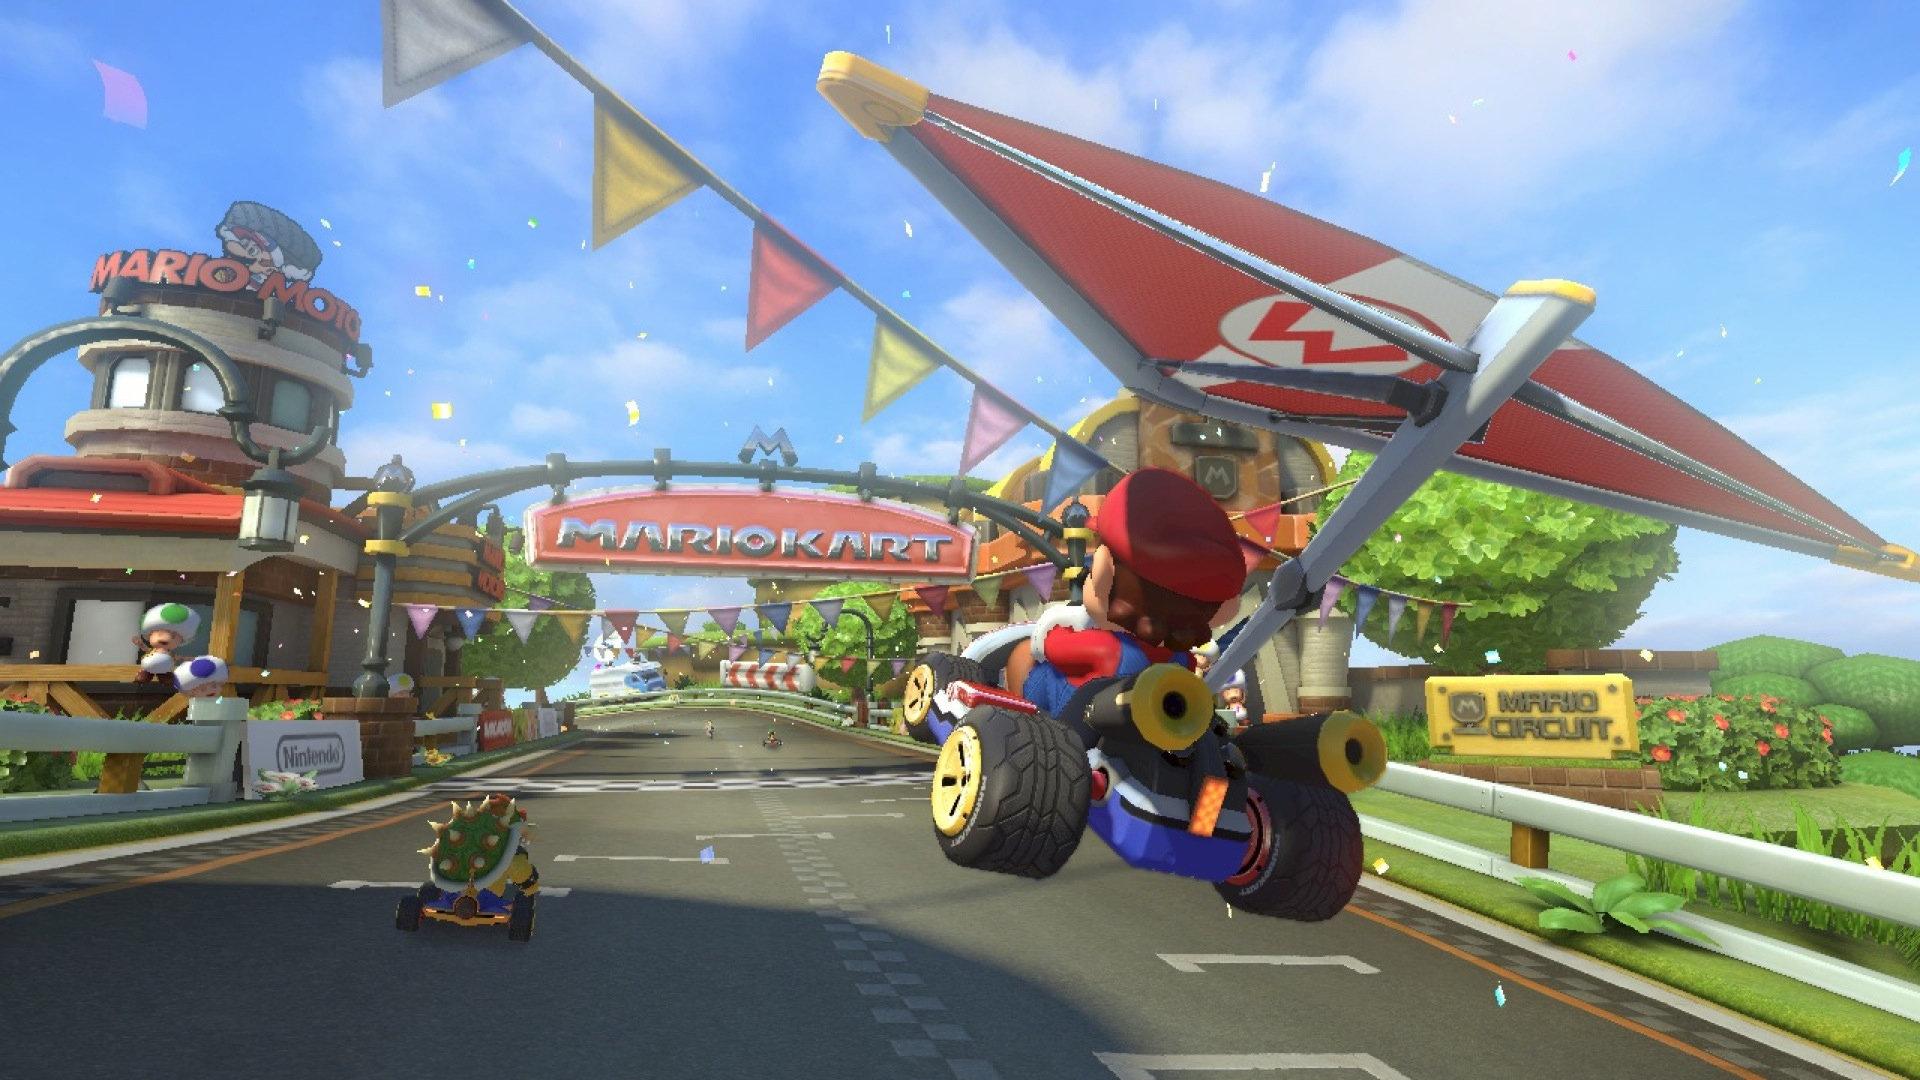 Mario Kart 8 Wallpapers 1920x1080 Full Hd 1080p Desktop Backgrounds